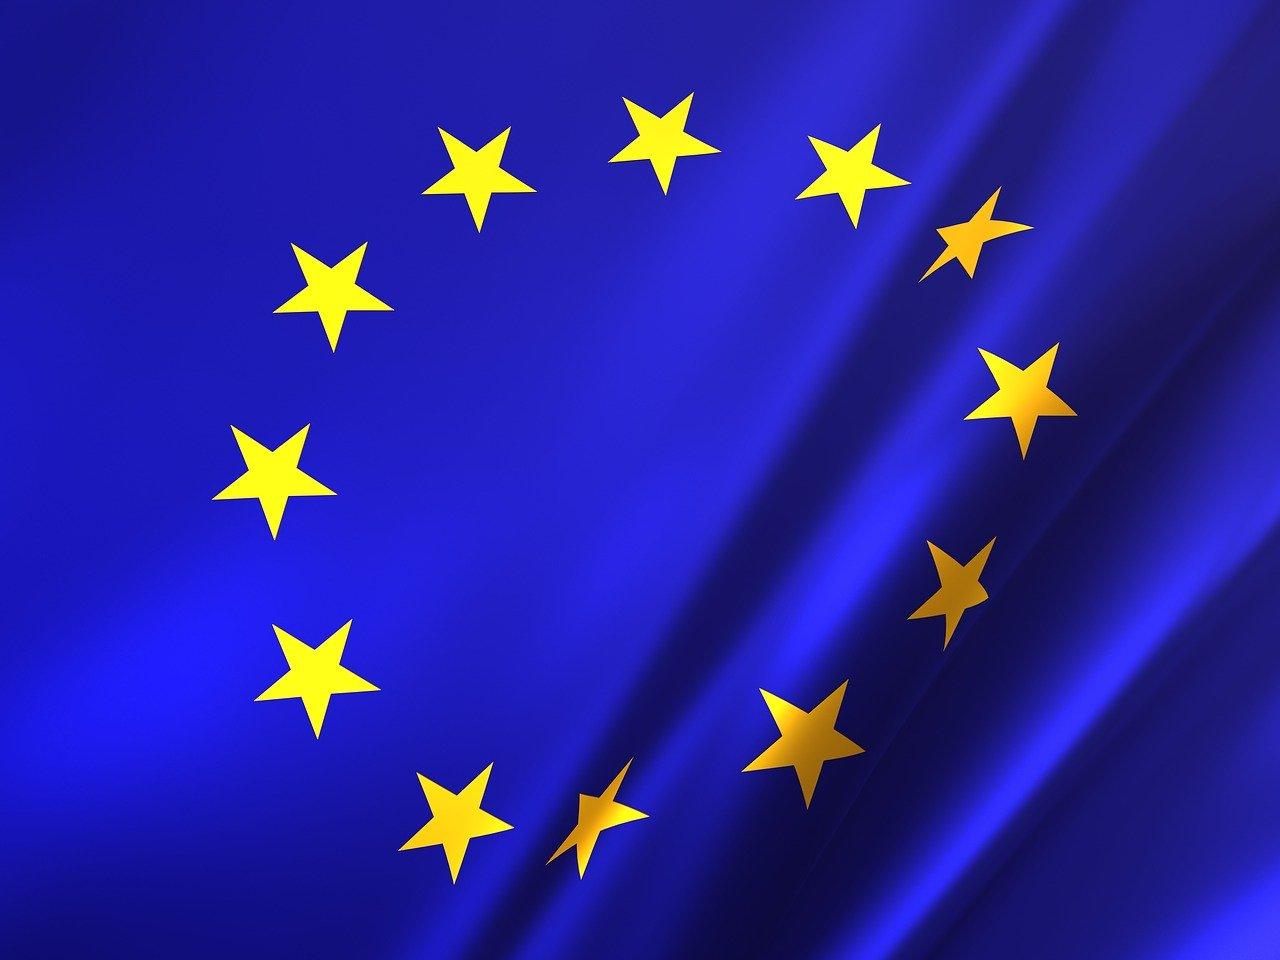 L'UE et onze autres pays créent l'Alliance mondiale pour l'économie circulaire